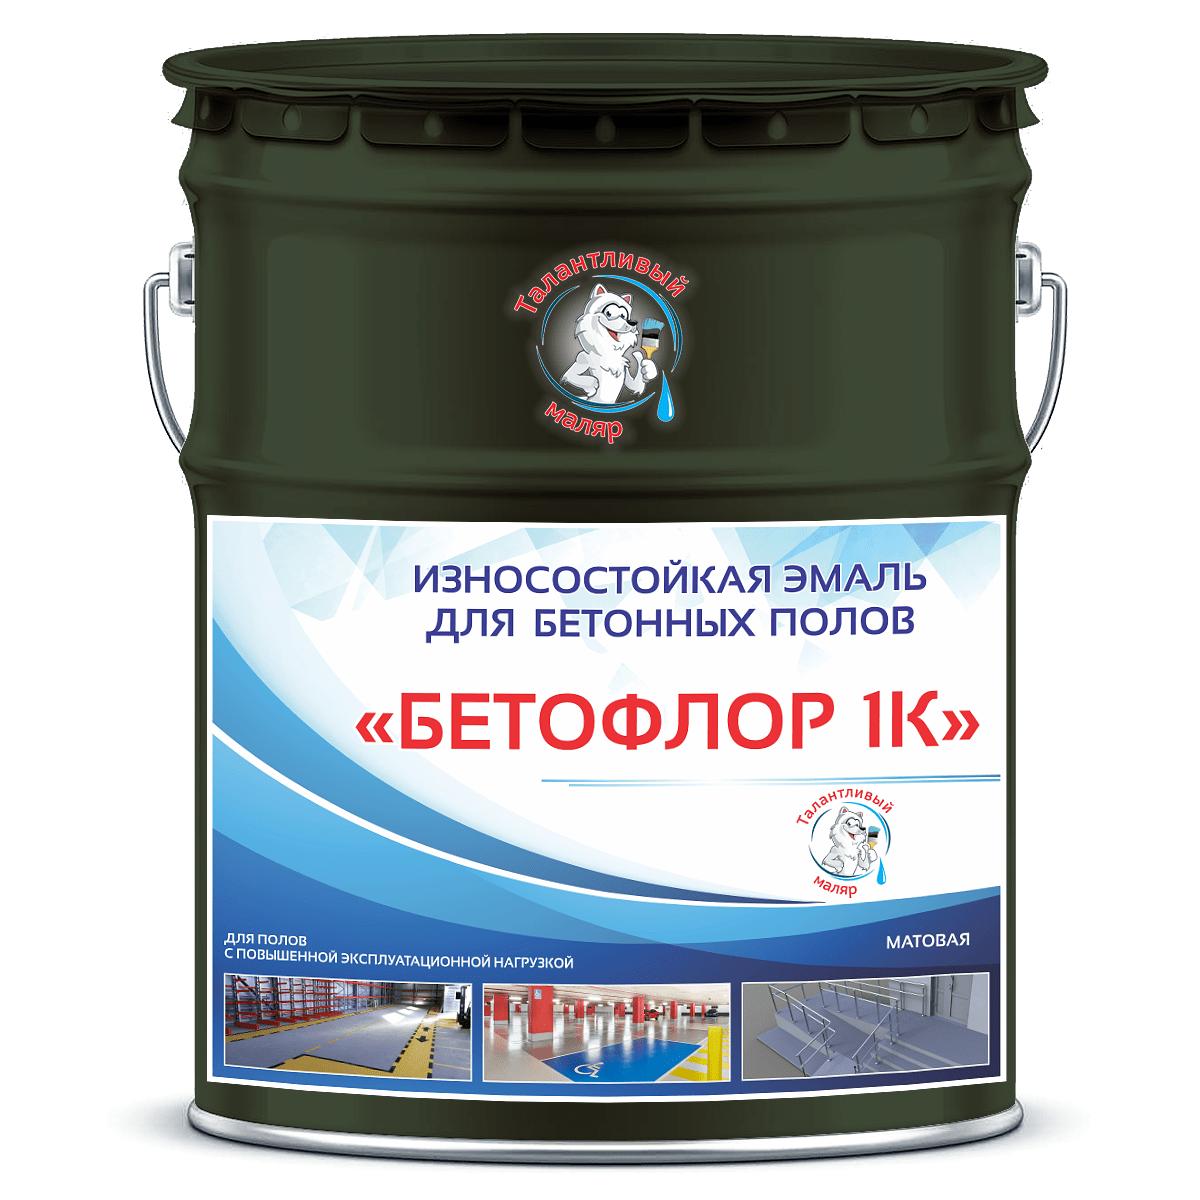 """Фото 13 - BF6012 Эмаль для бетонных полов """"Бетофлор"""" 1К цвет RAL 6012 Чёрно-зелёный, матовая износостойкая, 25 кг """"Талантливый Маляр""""."""